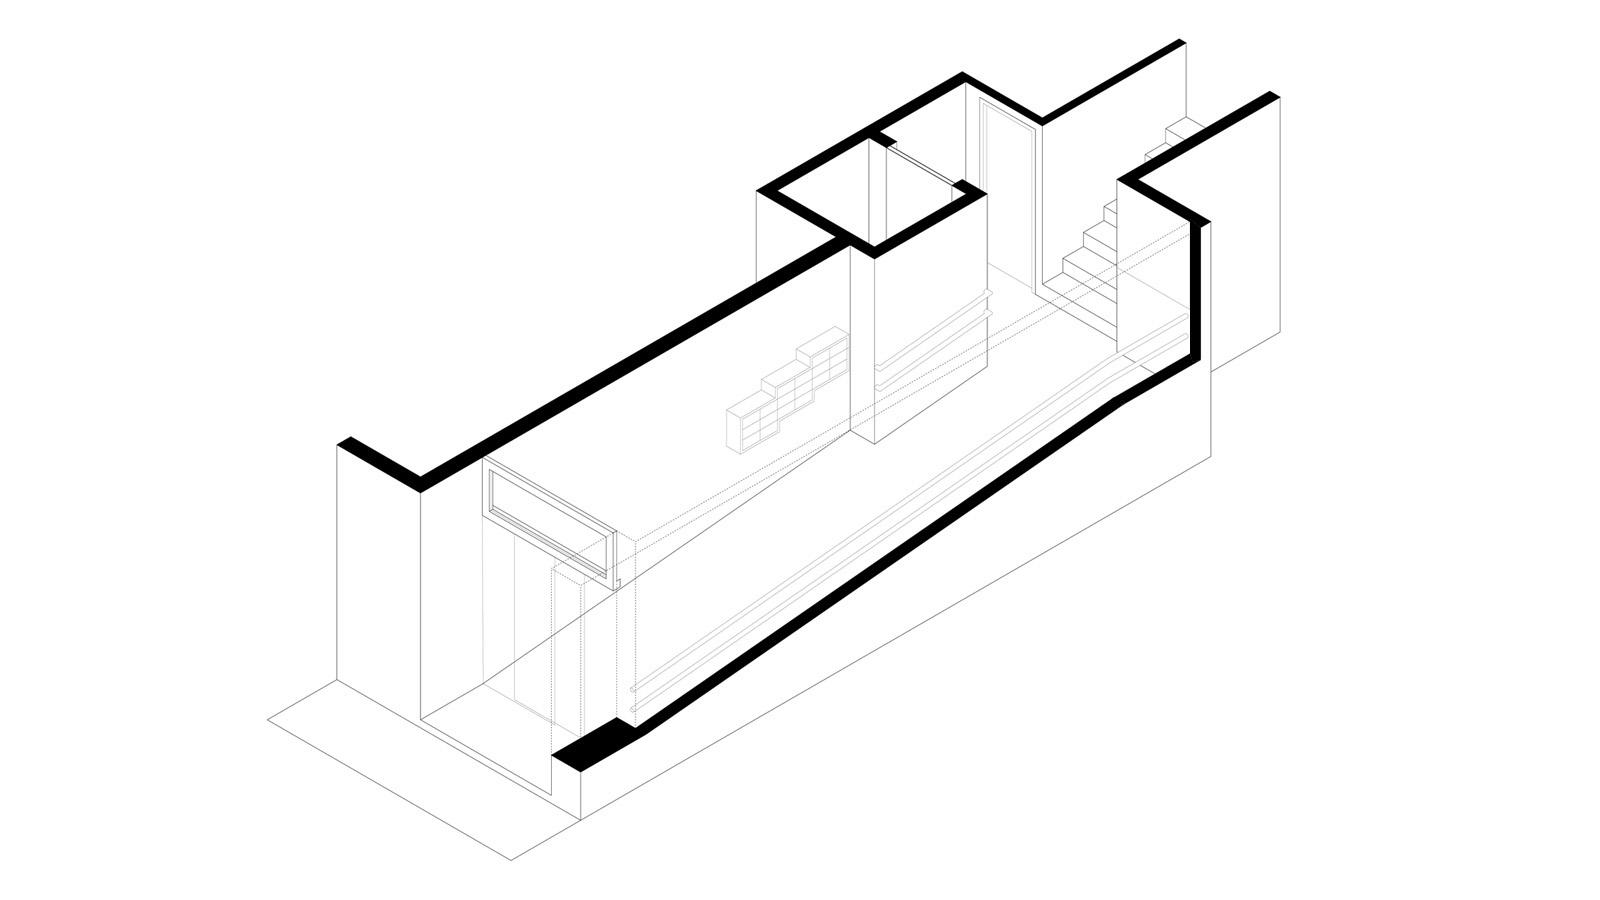 Accesibilidad portal D.B. Axonometría.